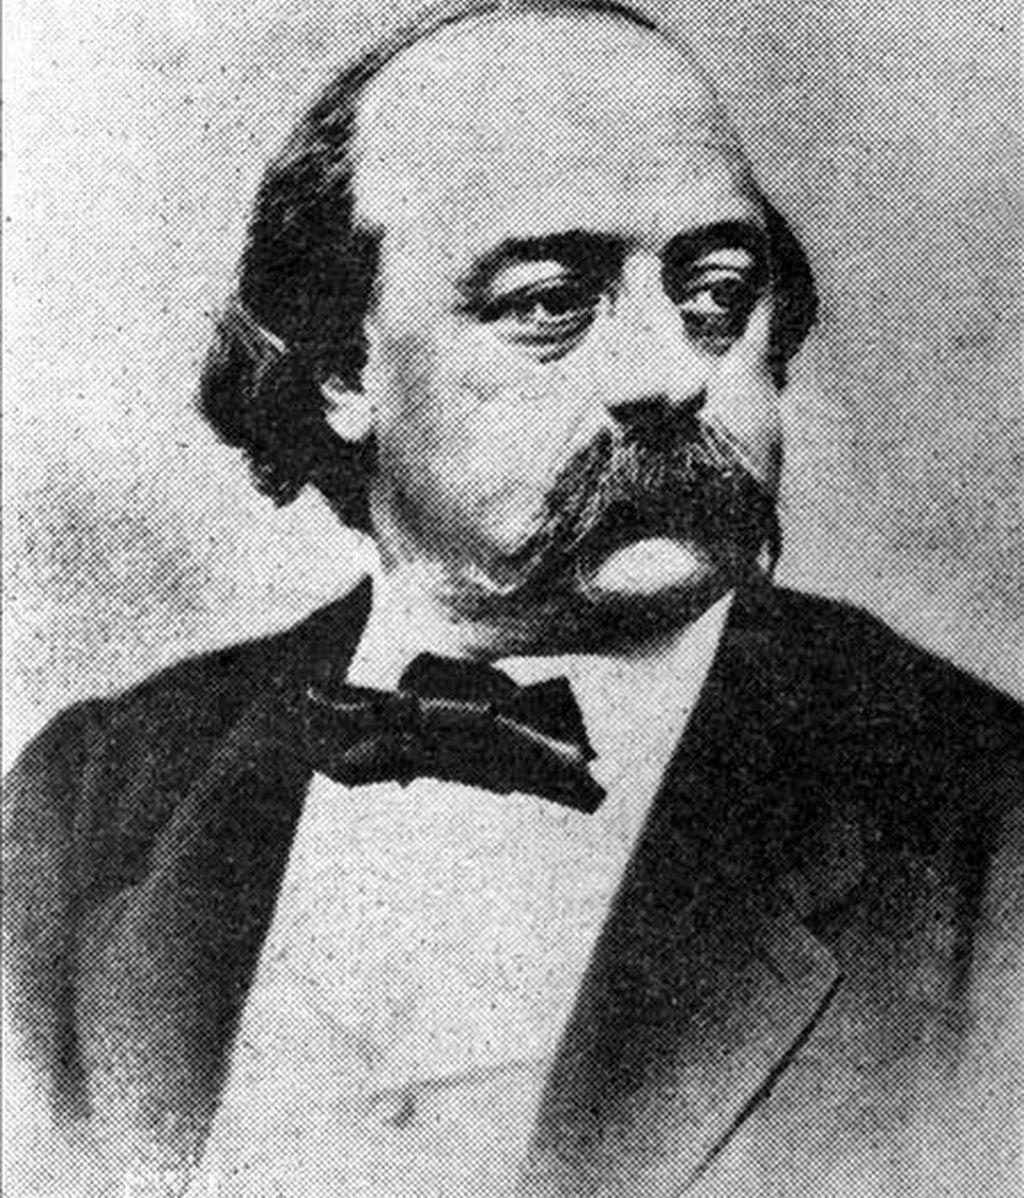 """Imagen del novelista  francés Gustav Flaubert (1821-1880). Su obra """"Madame Bovary"""" está disponible en internet. EFE/Archivo"""